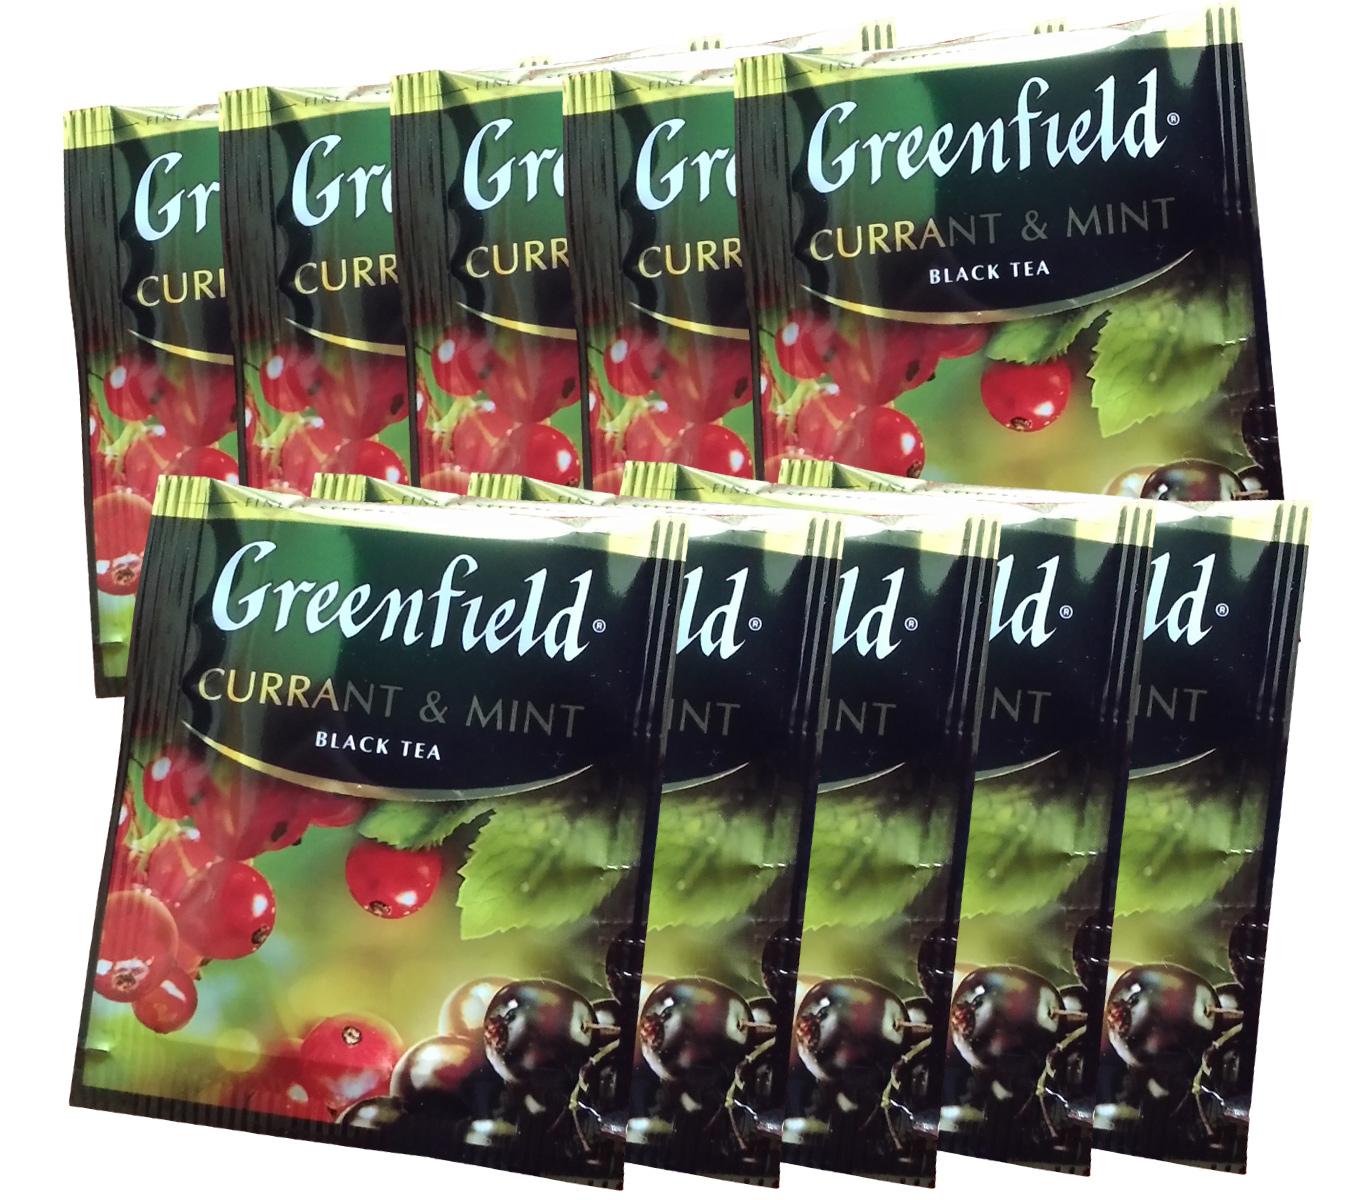 Чай черный ароматизированный Currant & Mint 100пак. по 1,5гр., термосаше, в пакете Greenfield - фото 2